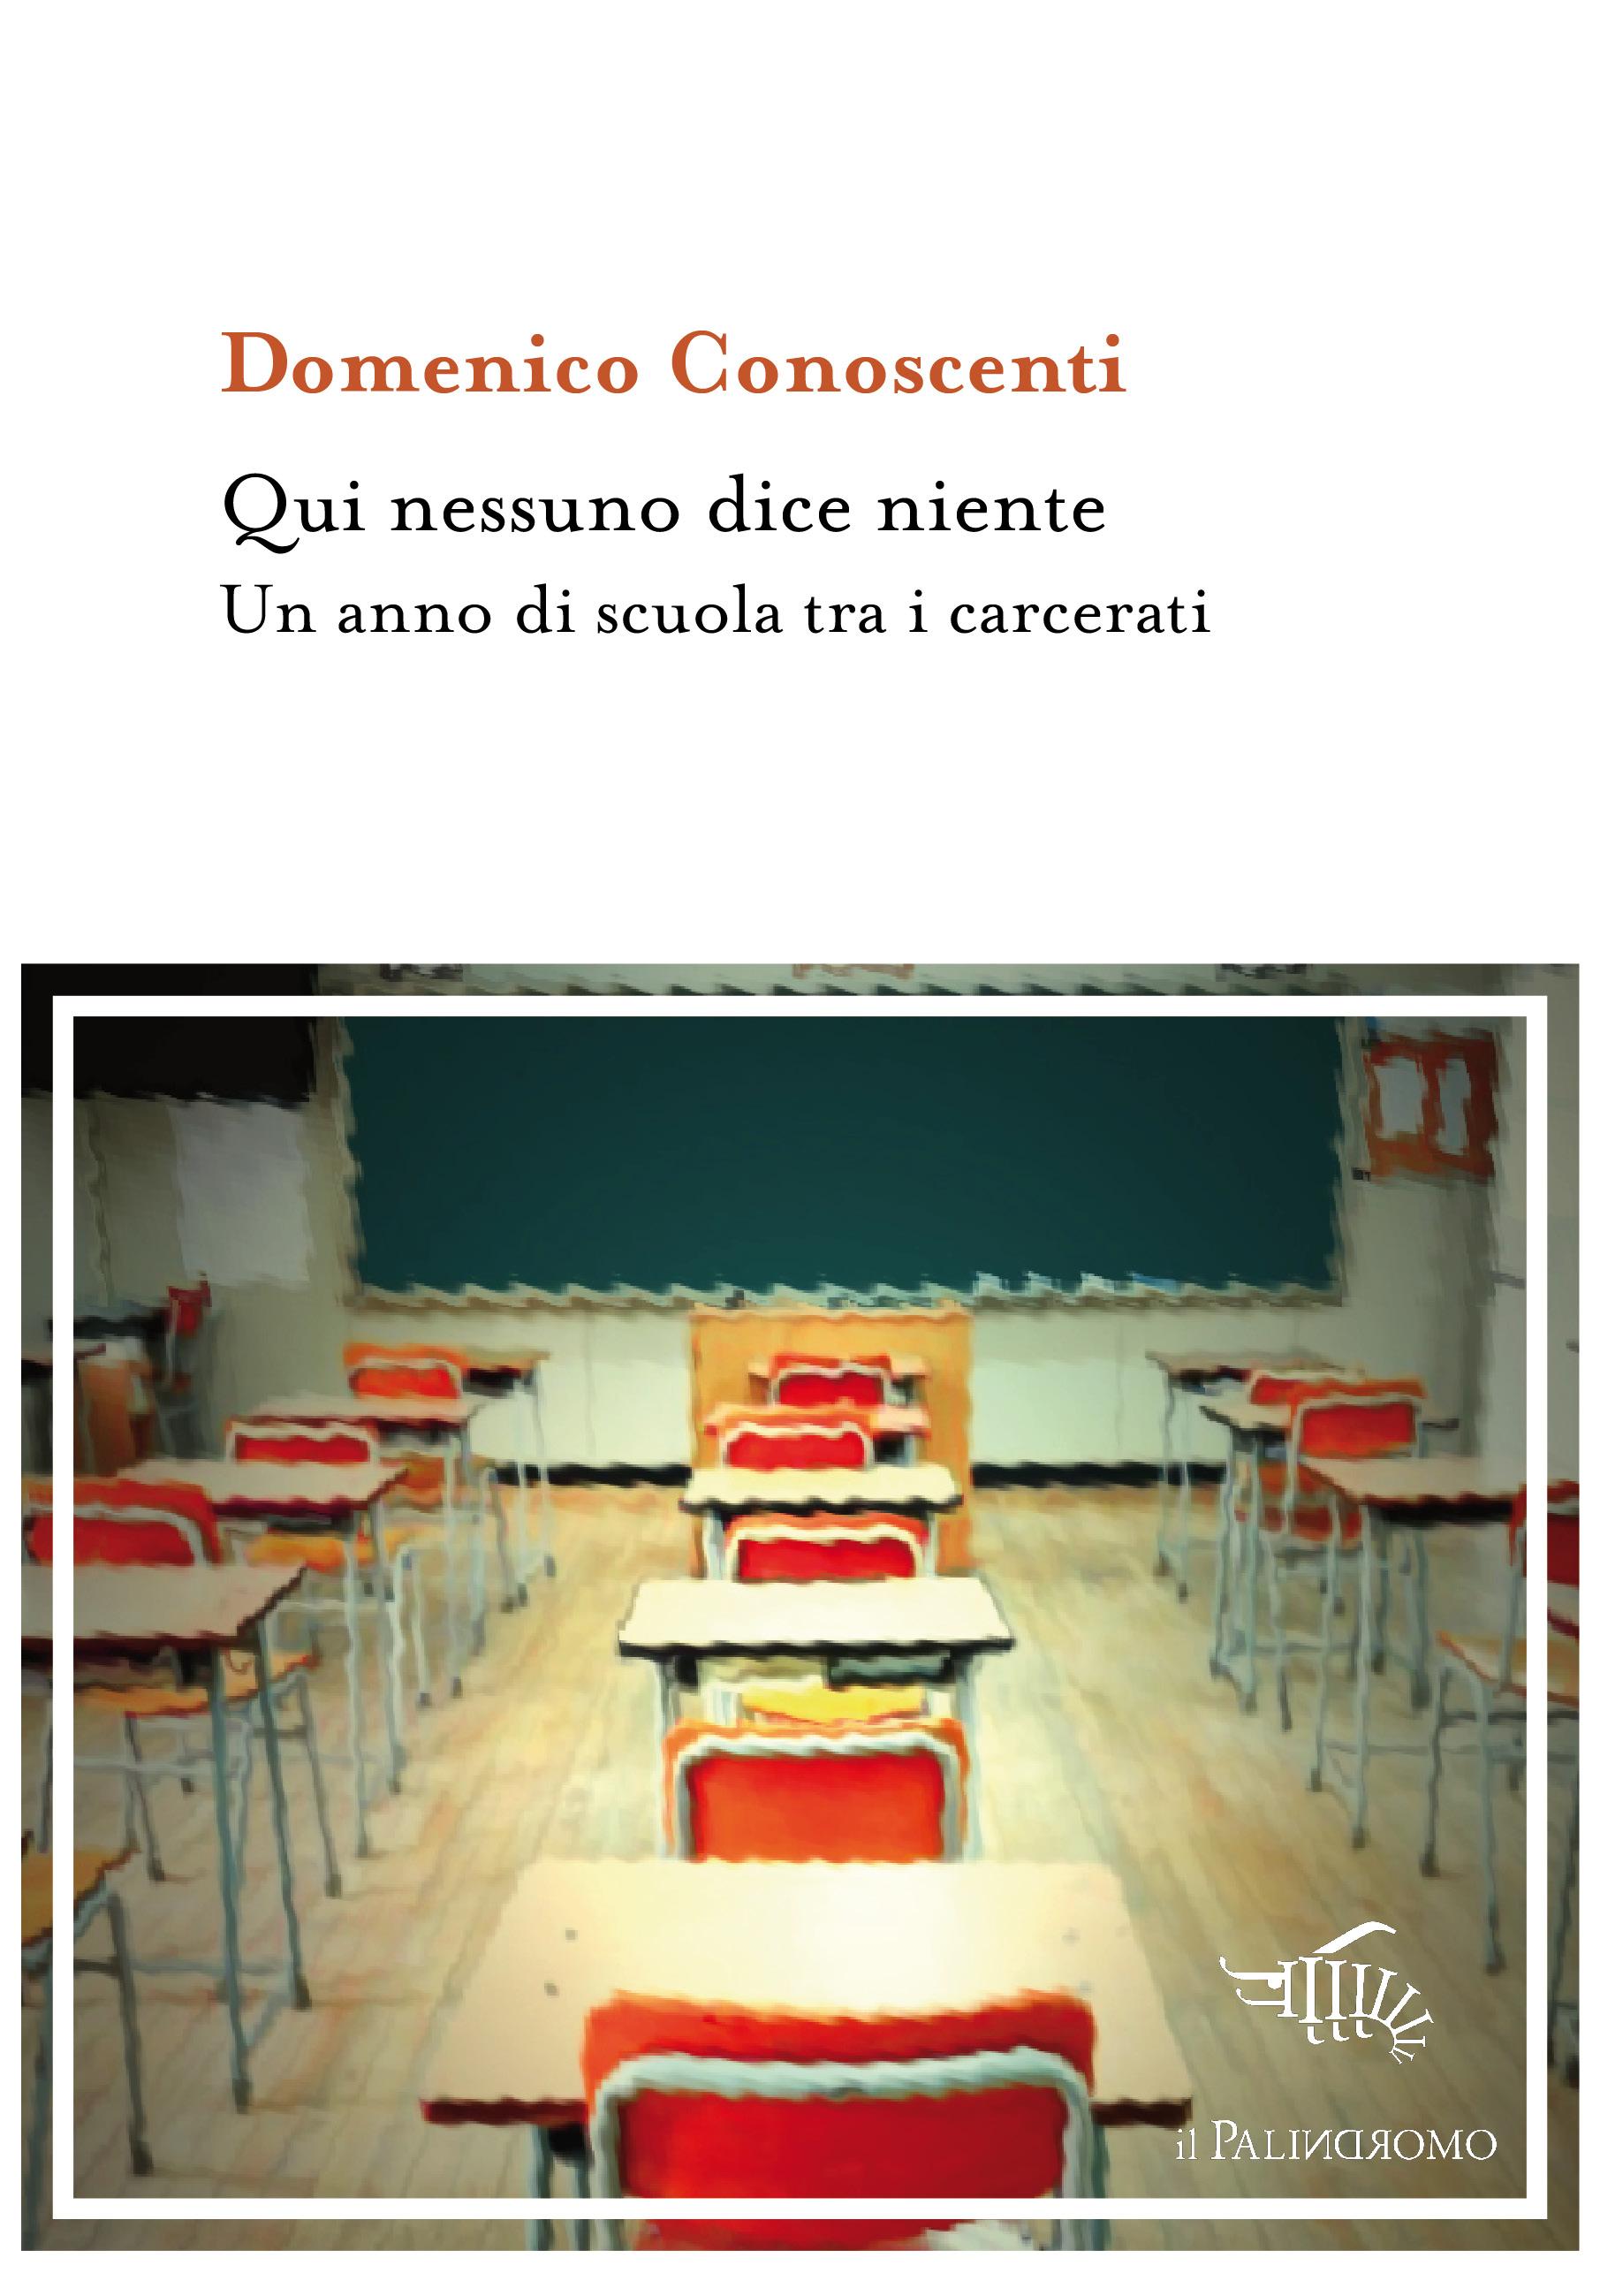 Autore: Domenico Conoscenti